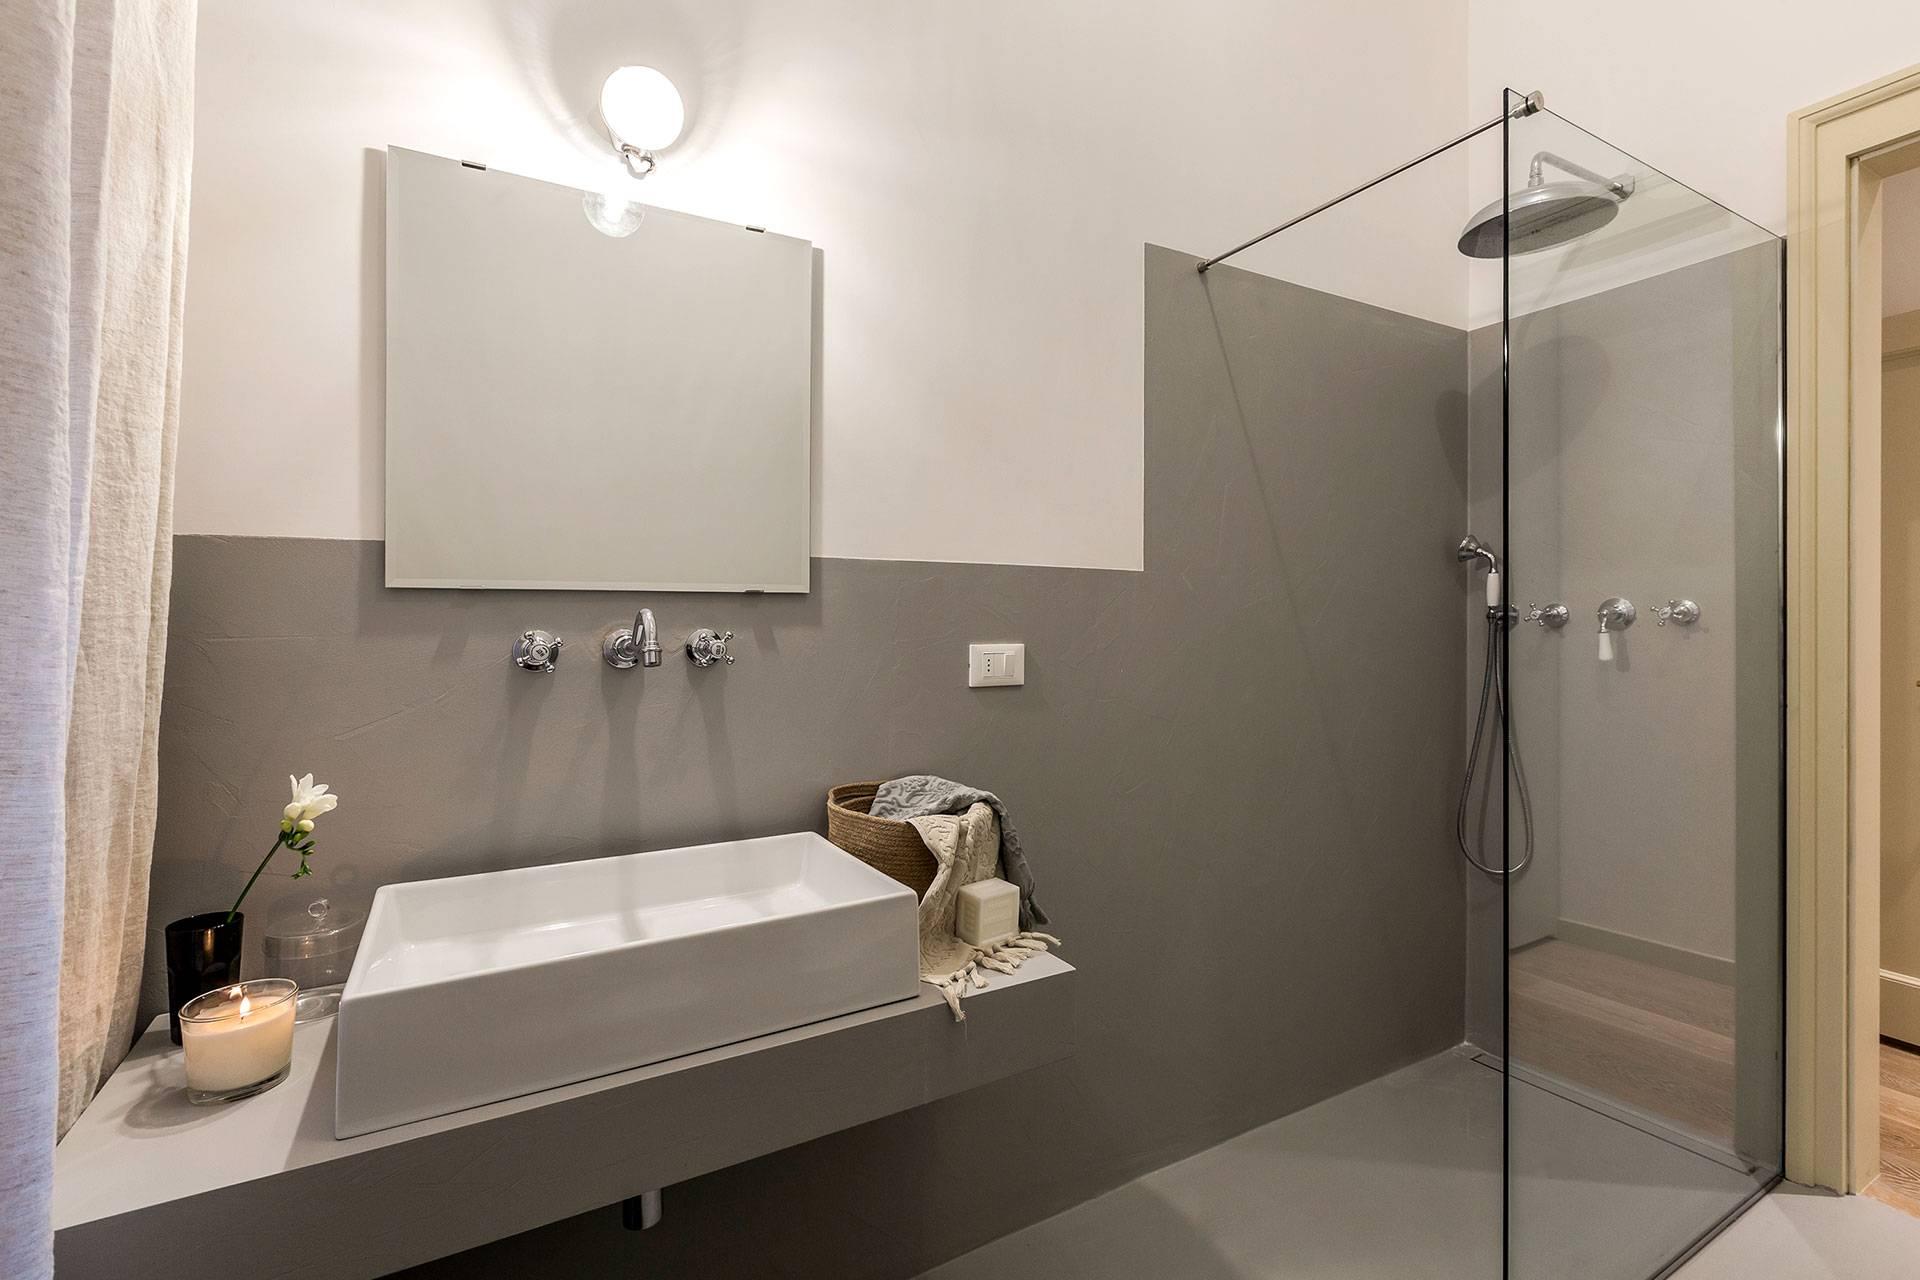 bathroom 3: Salomé spacious and stylish bathroom